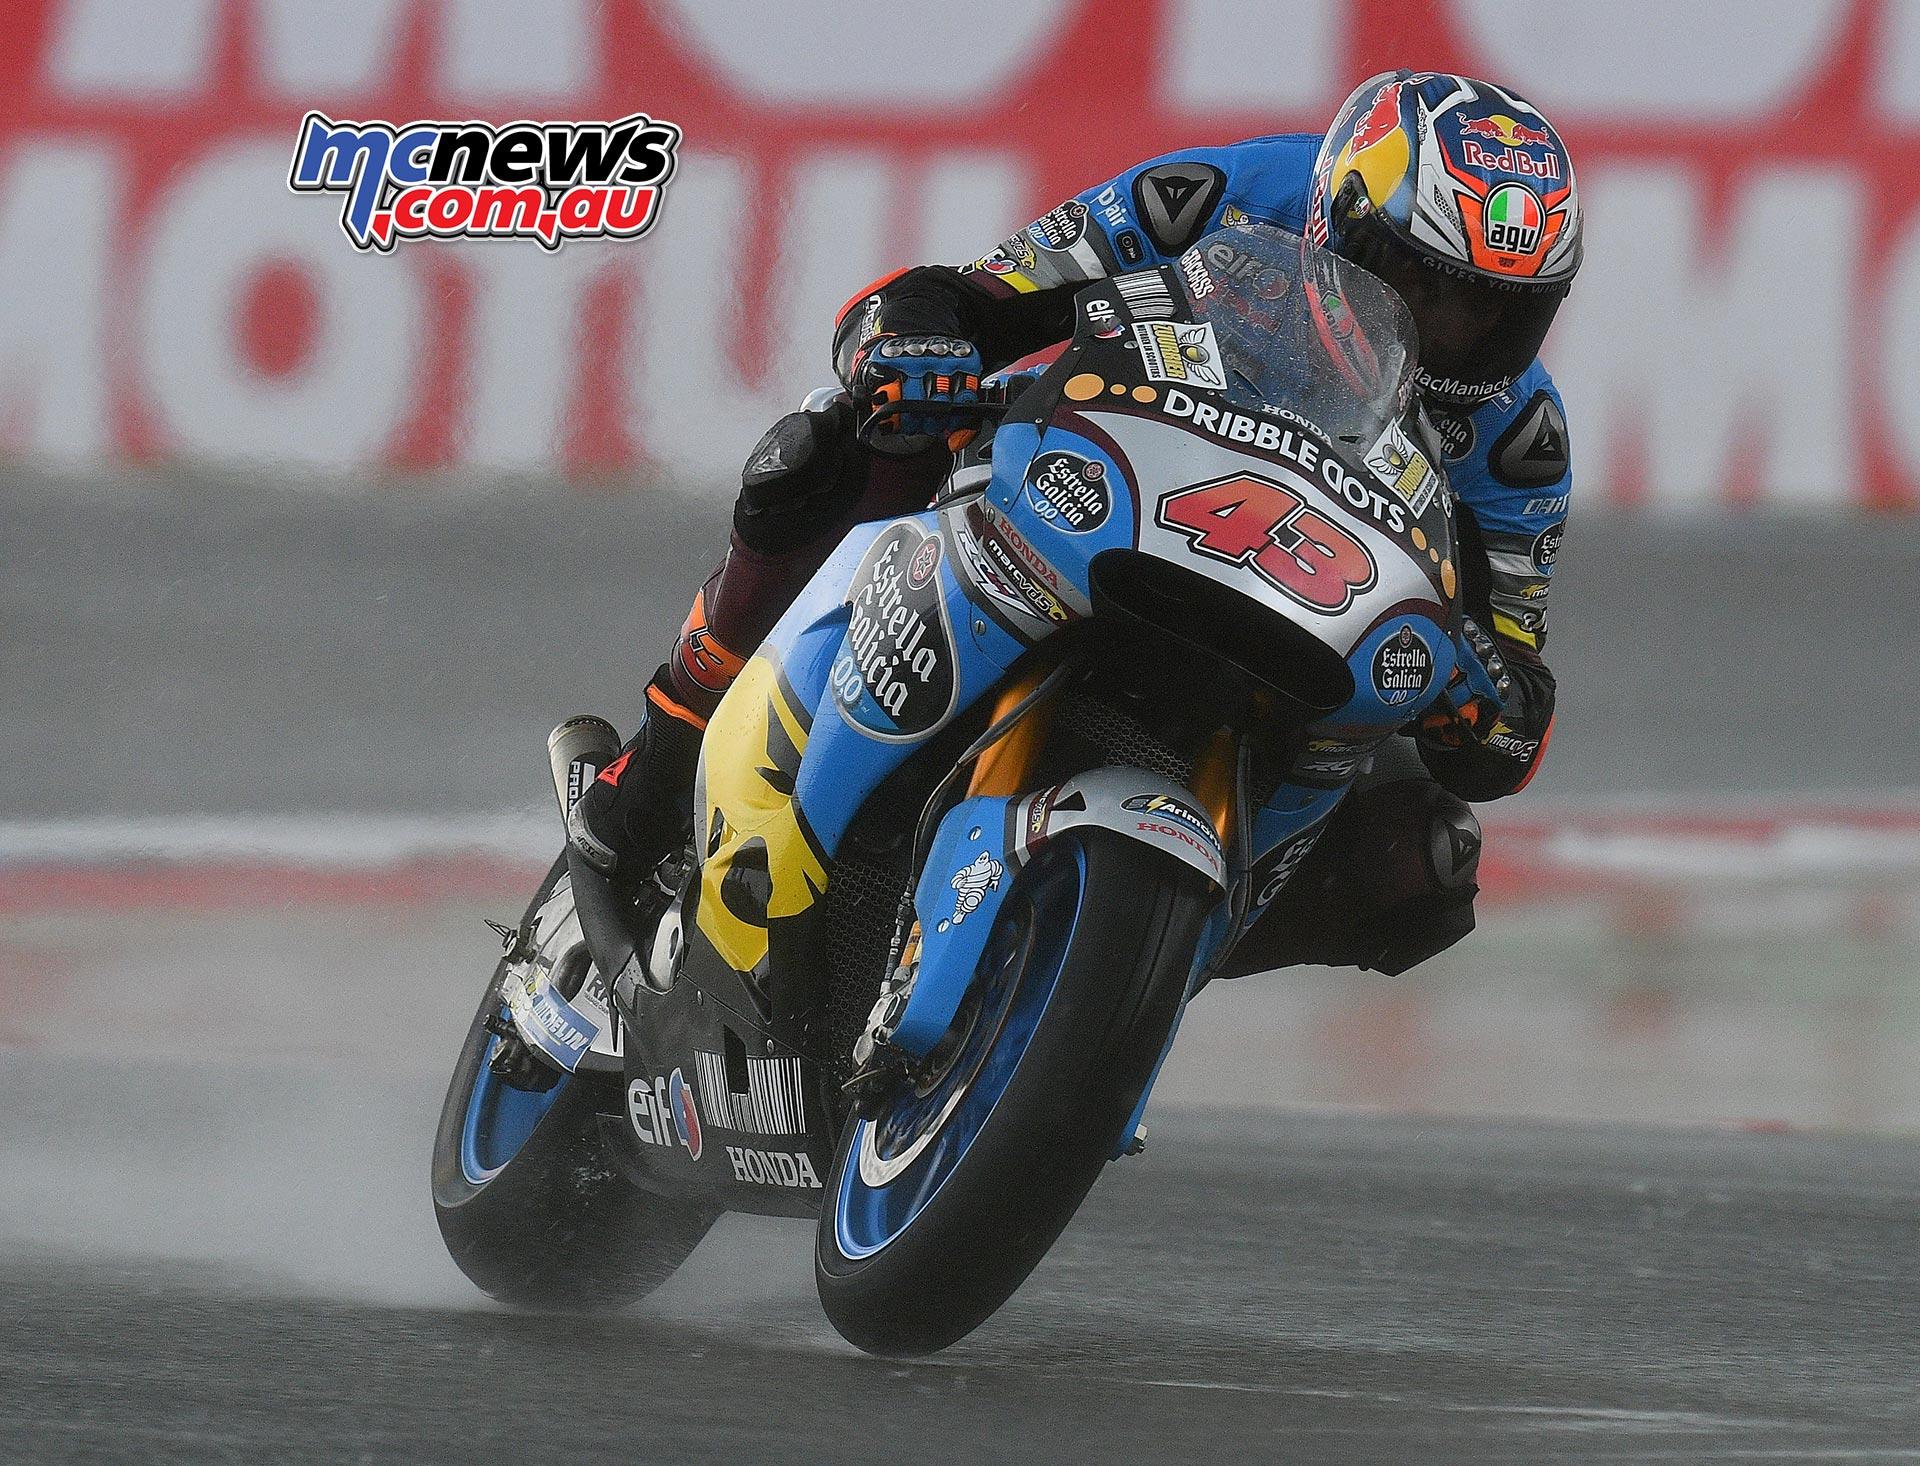 Jack Miller - Assen MotoGP 2016